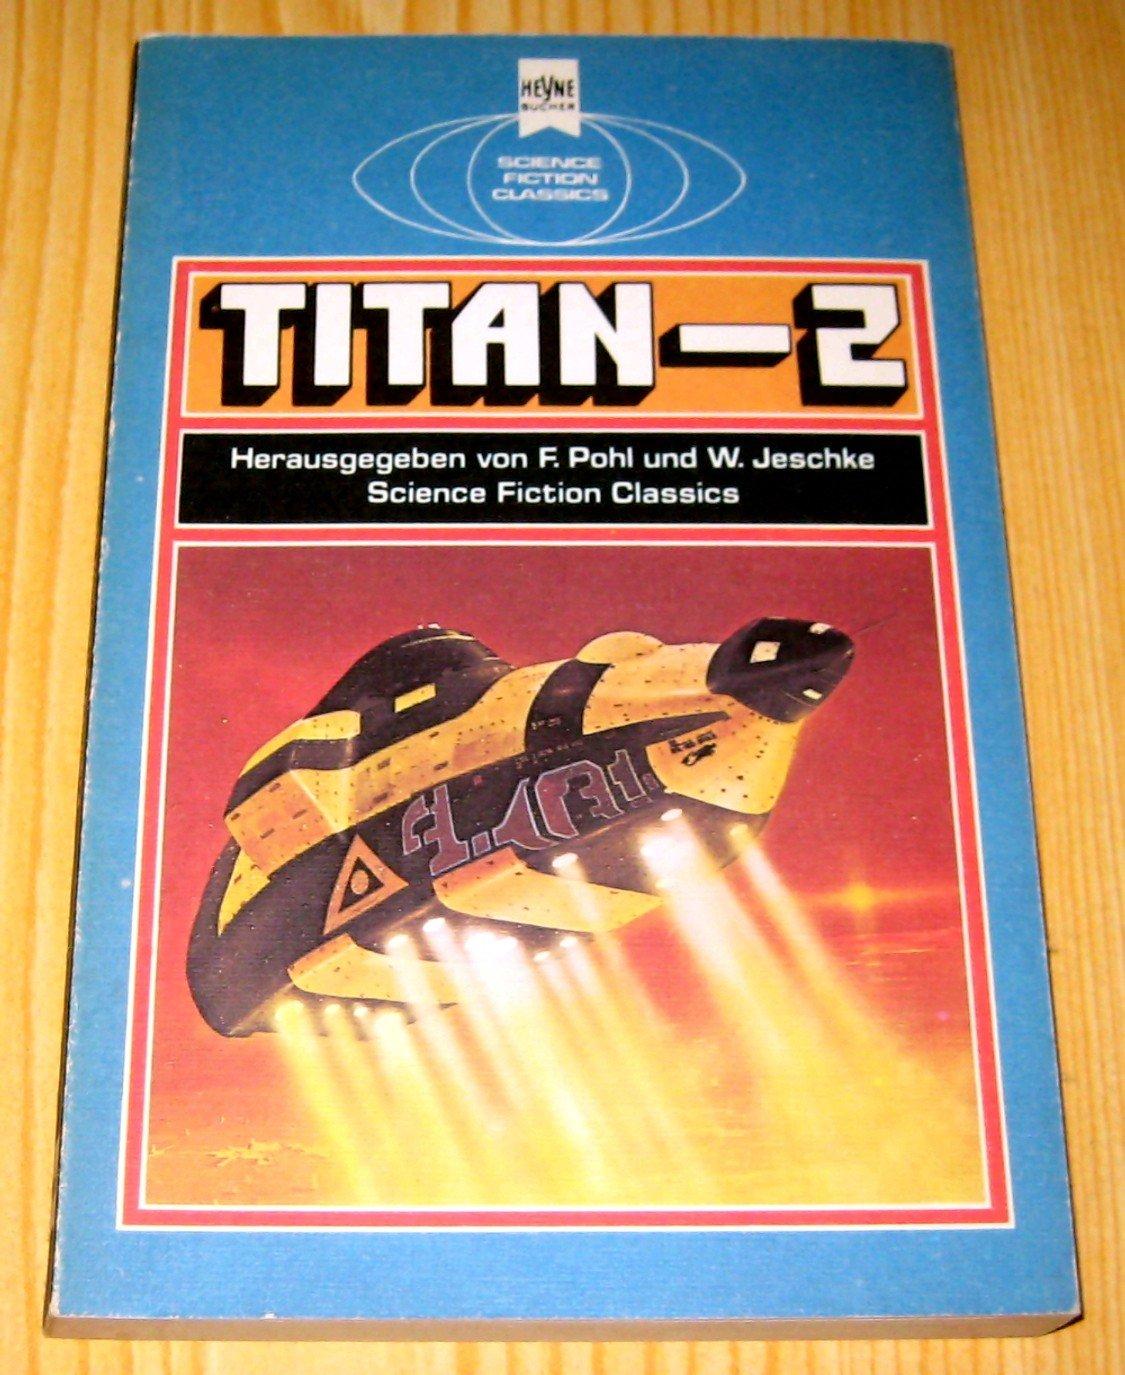 Wolfgang Jeschke, Frederik Pohl (Hrsg.) - Titan-2